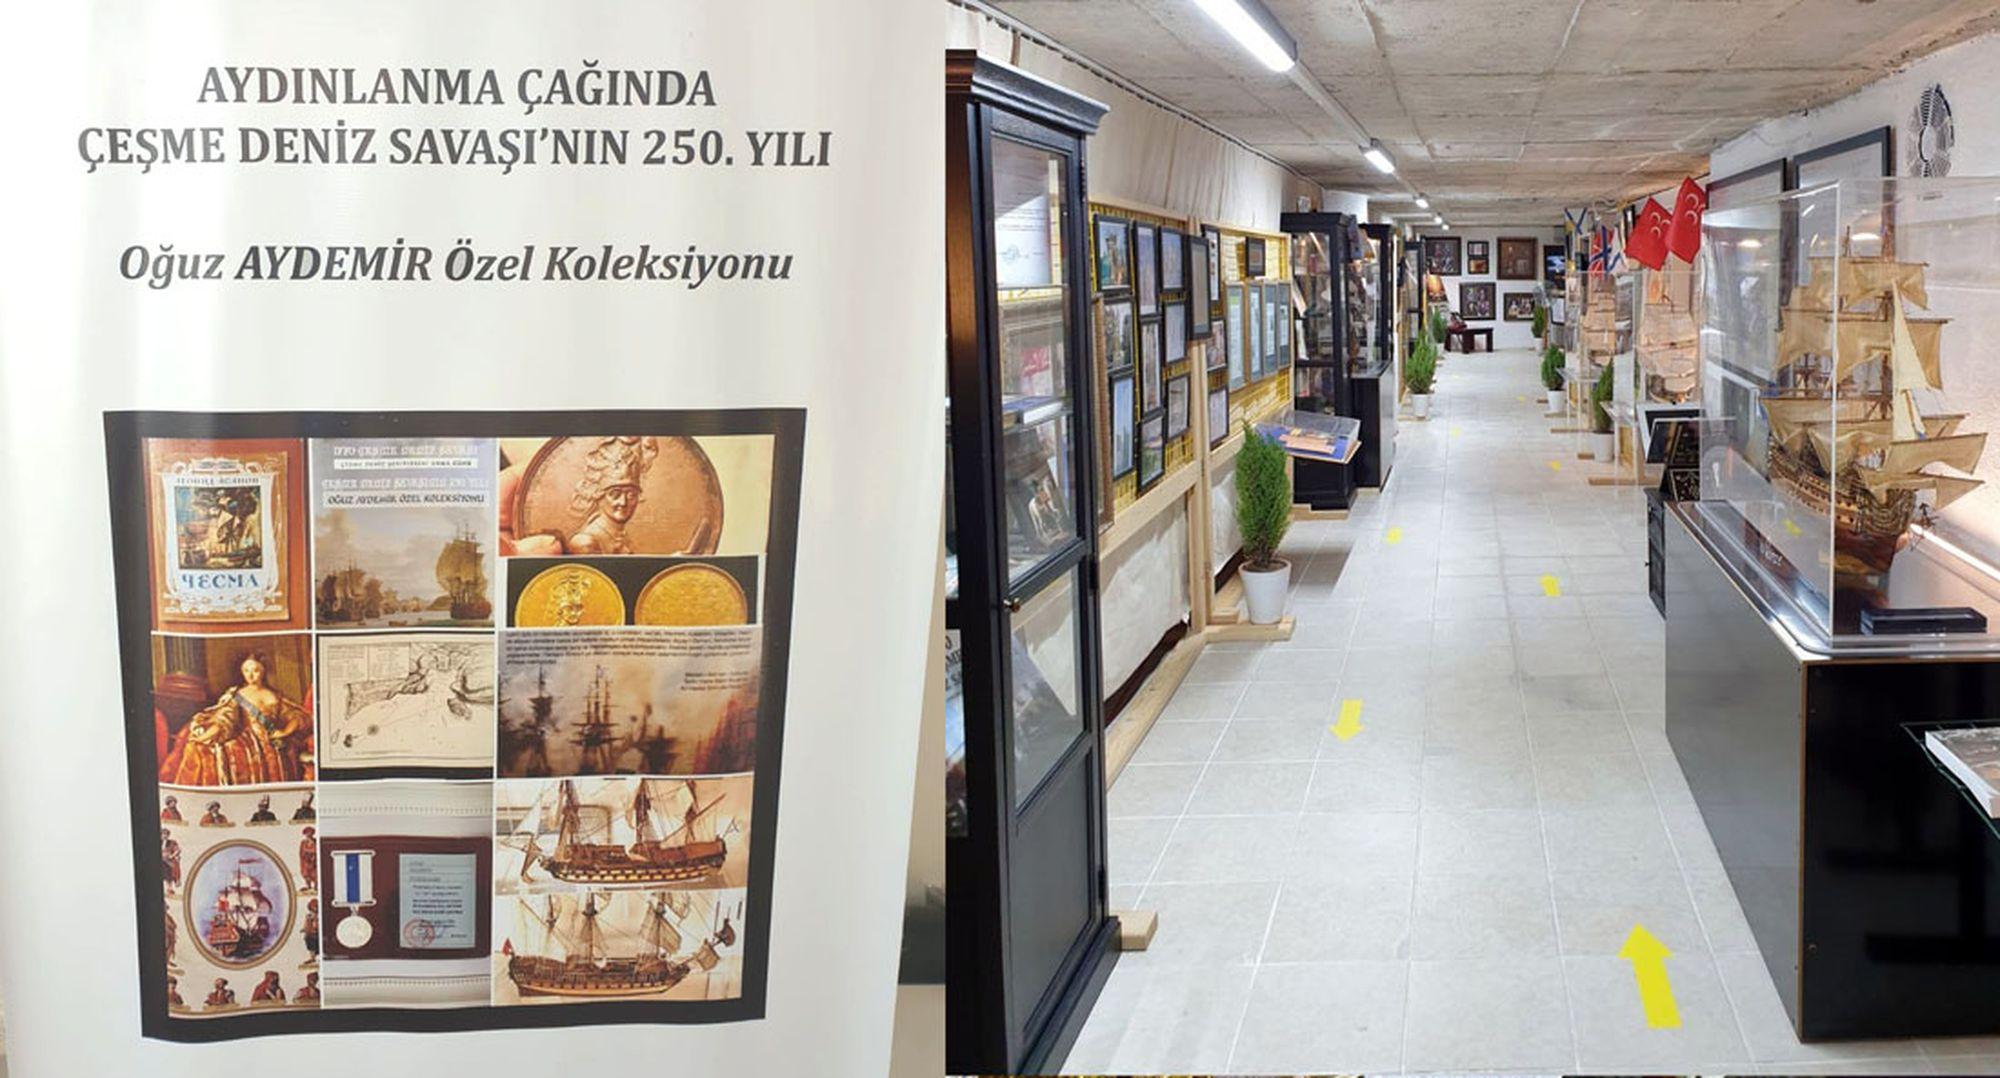 Oğuz Aydemir'in 20 yıldır 1770 Çeşme Deniz Savaşı'na ait belge ve objeleri topluyor